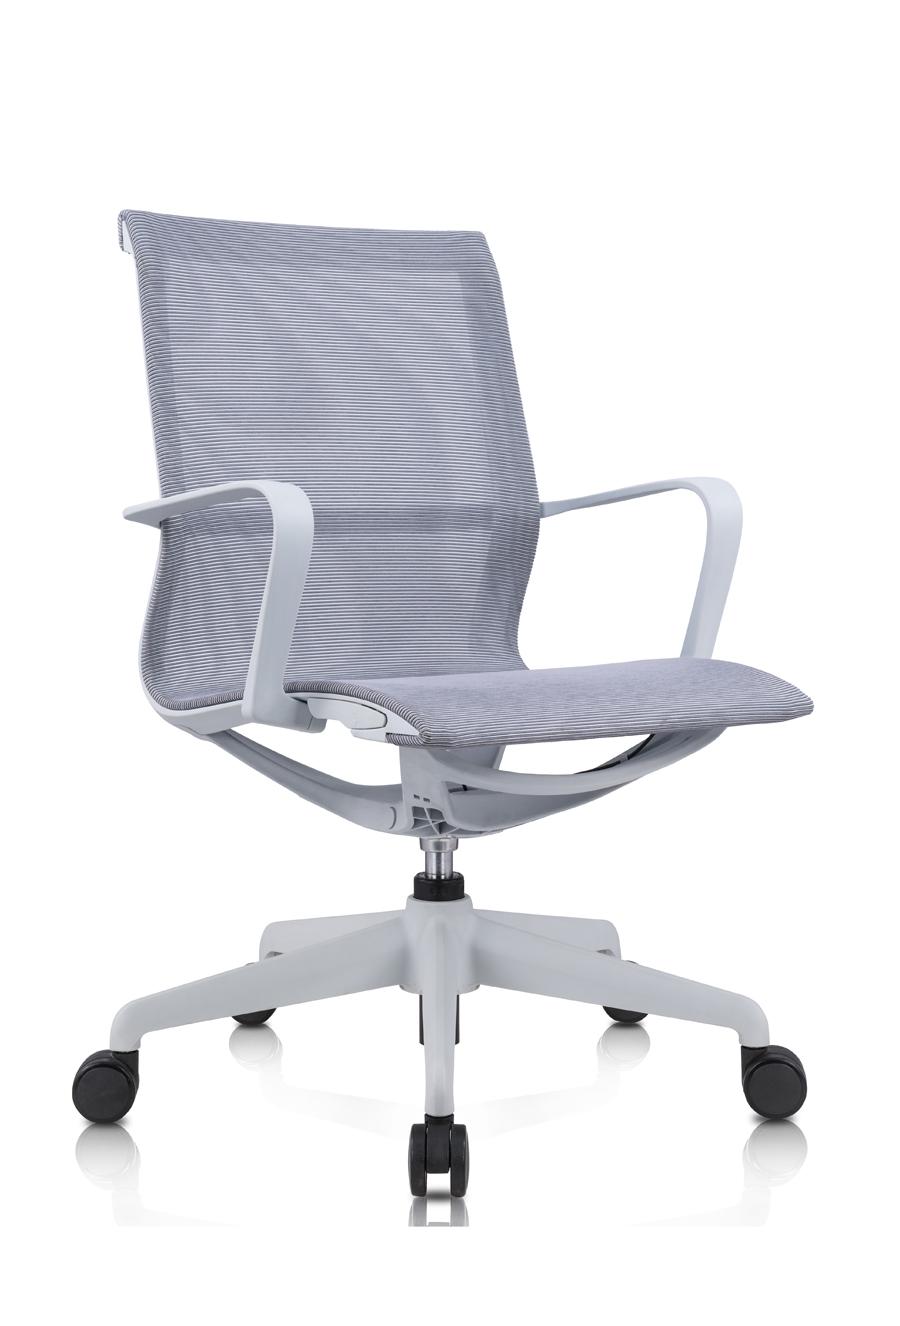 Amber_電腦椅_辦公椅_灰框灰網_正斜面照片